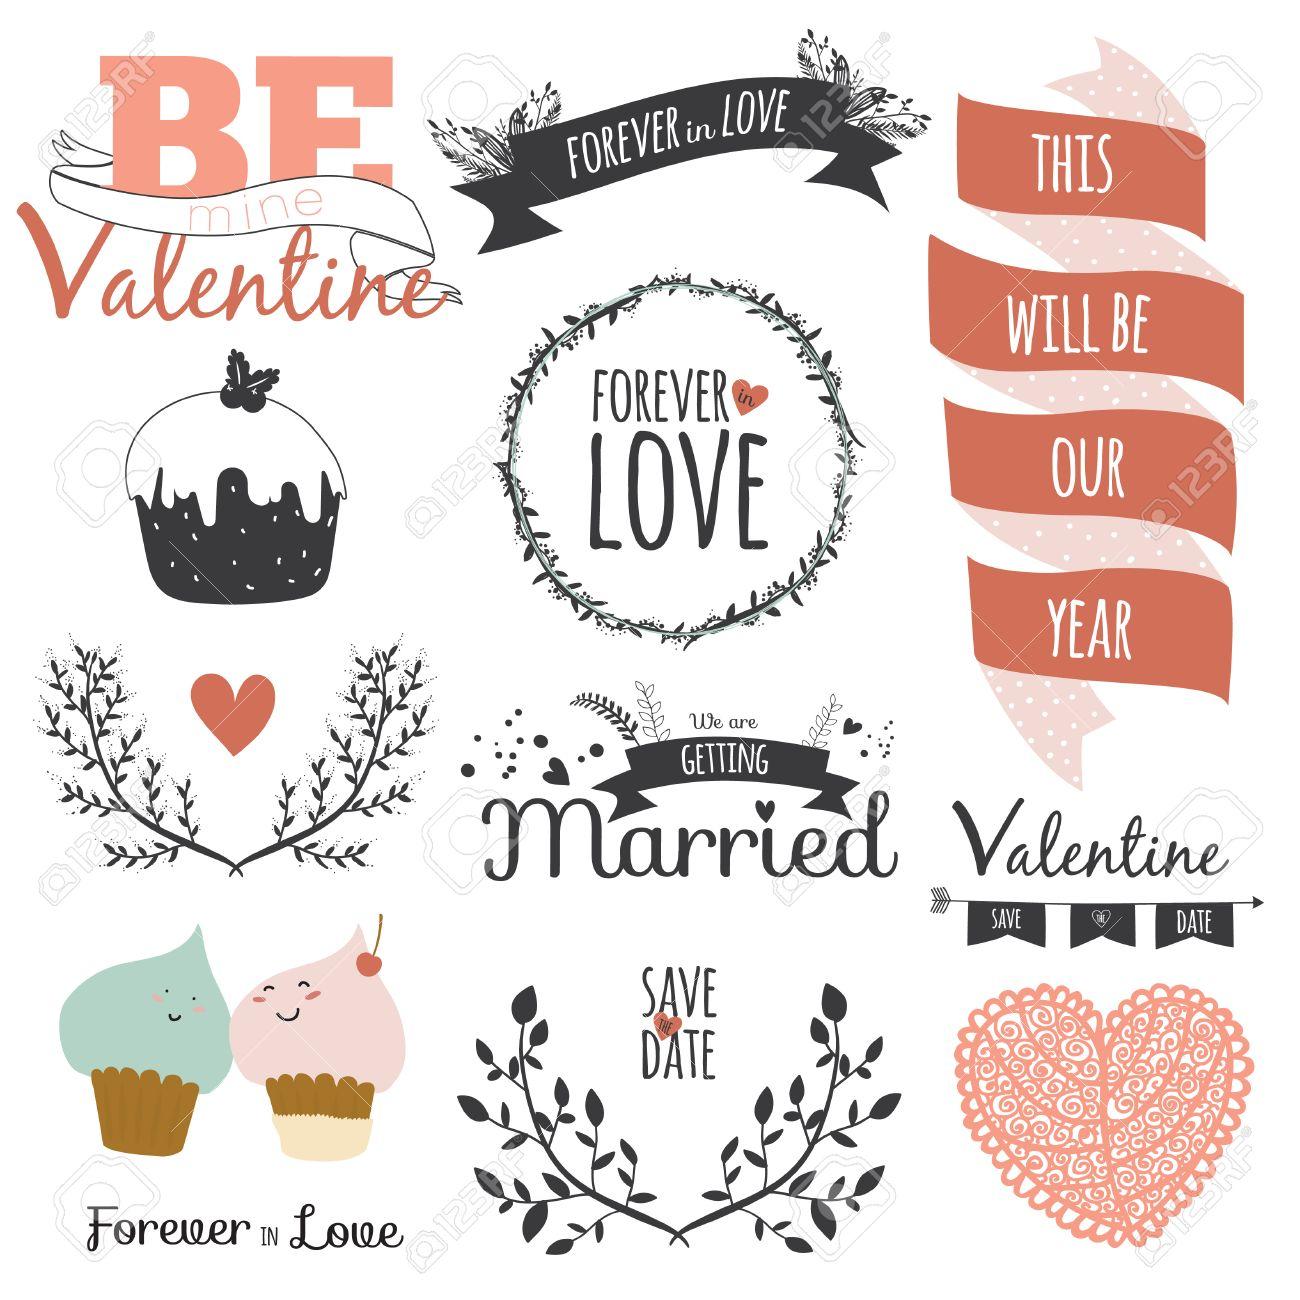 Romantisch Und Liebe Set Von Hand Gezeichnet Gruss Kranze Lorbeeren